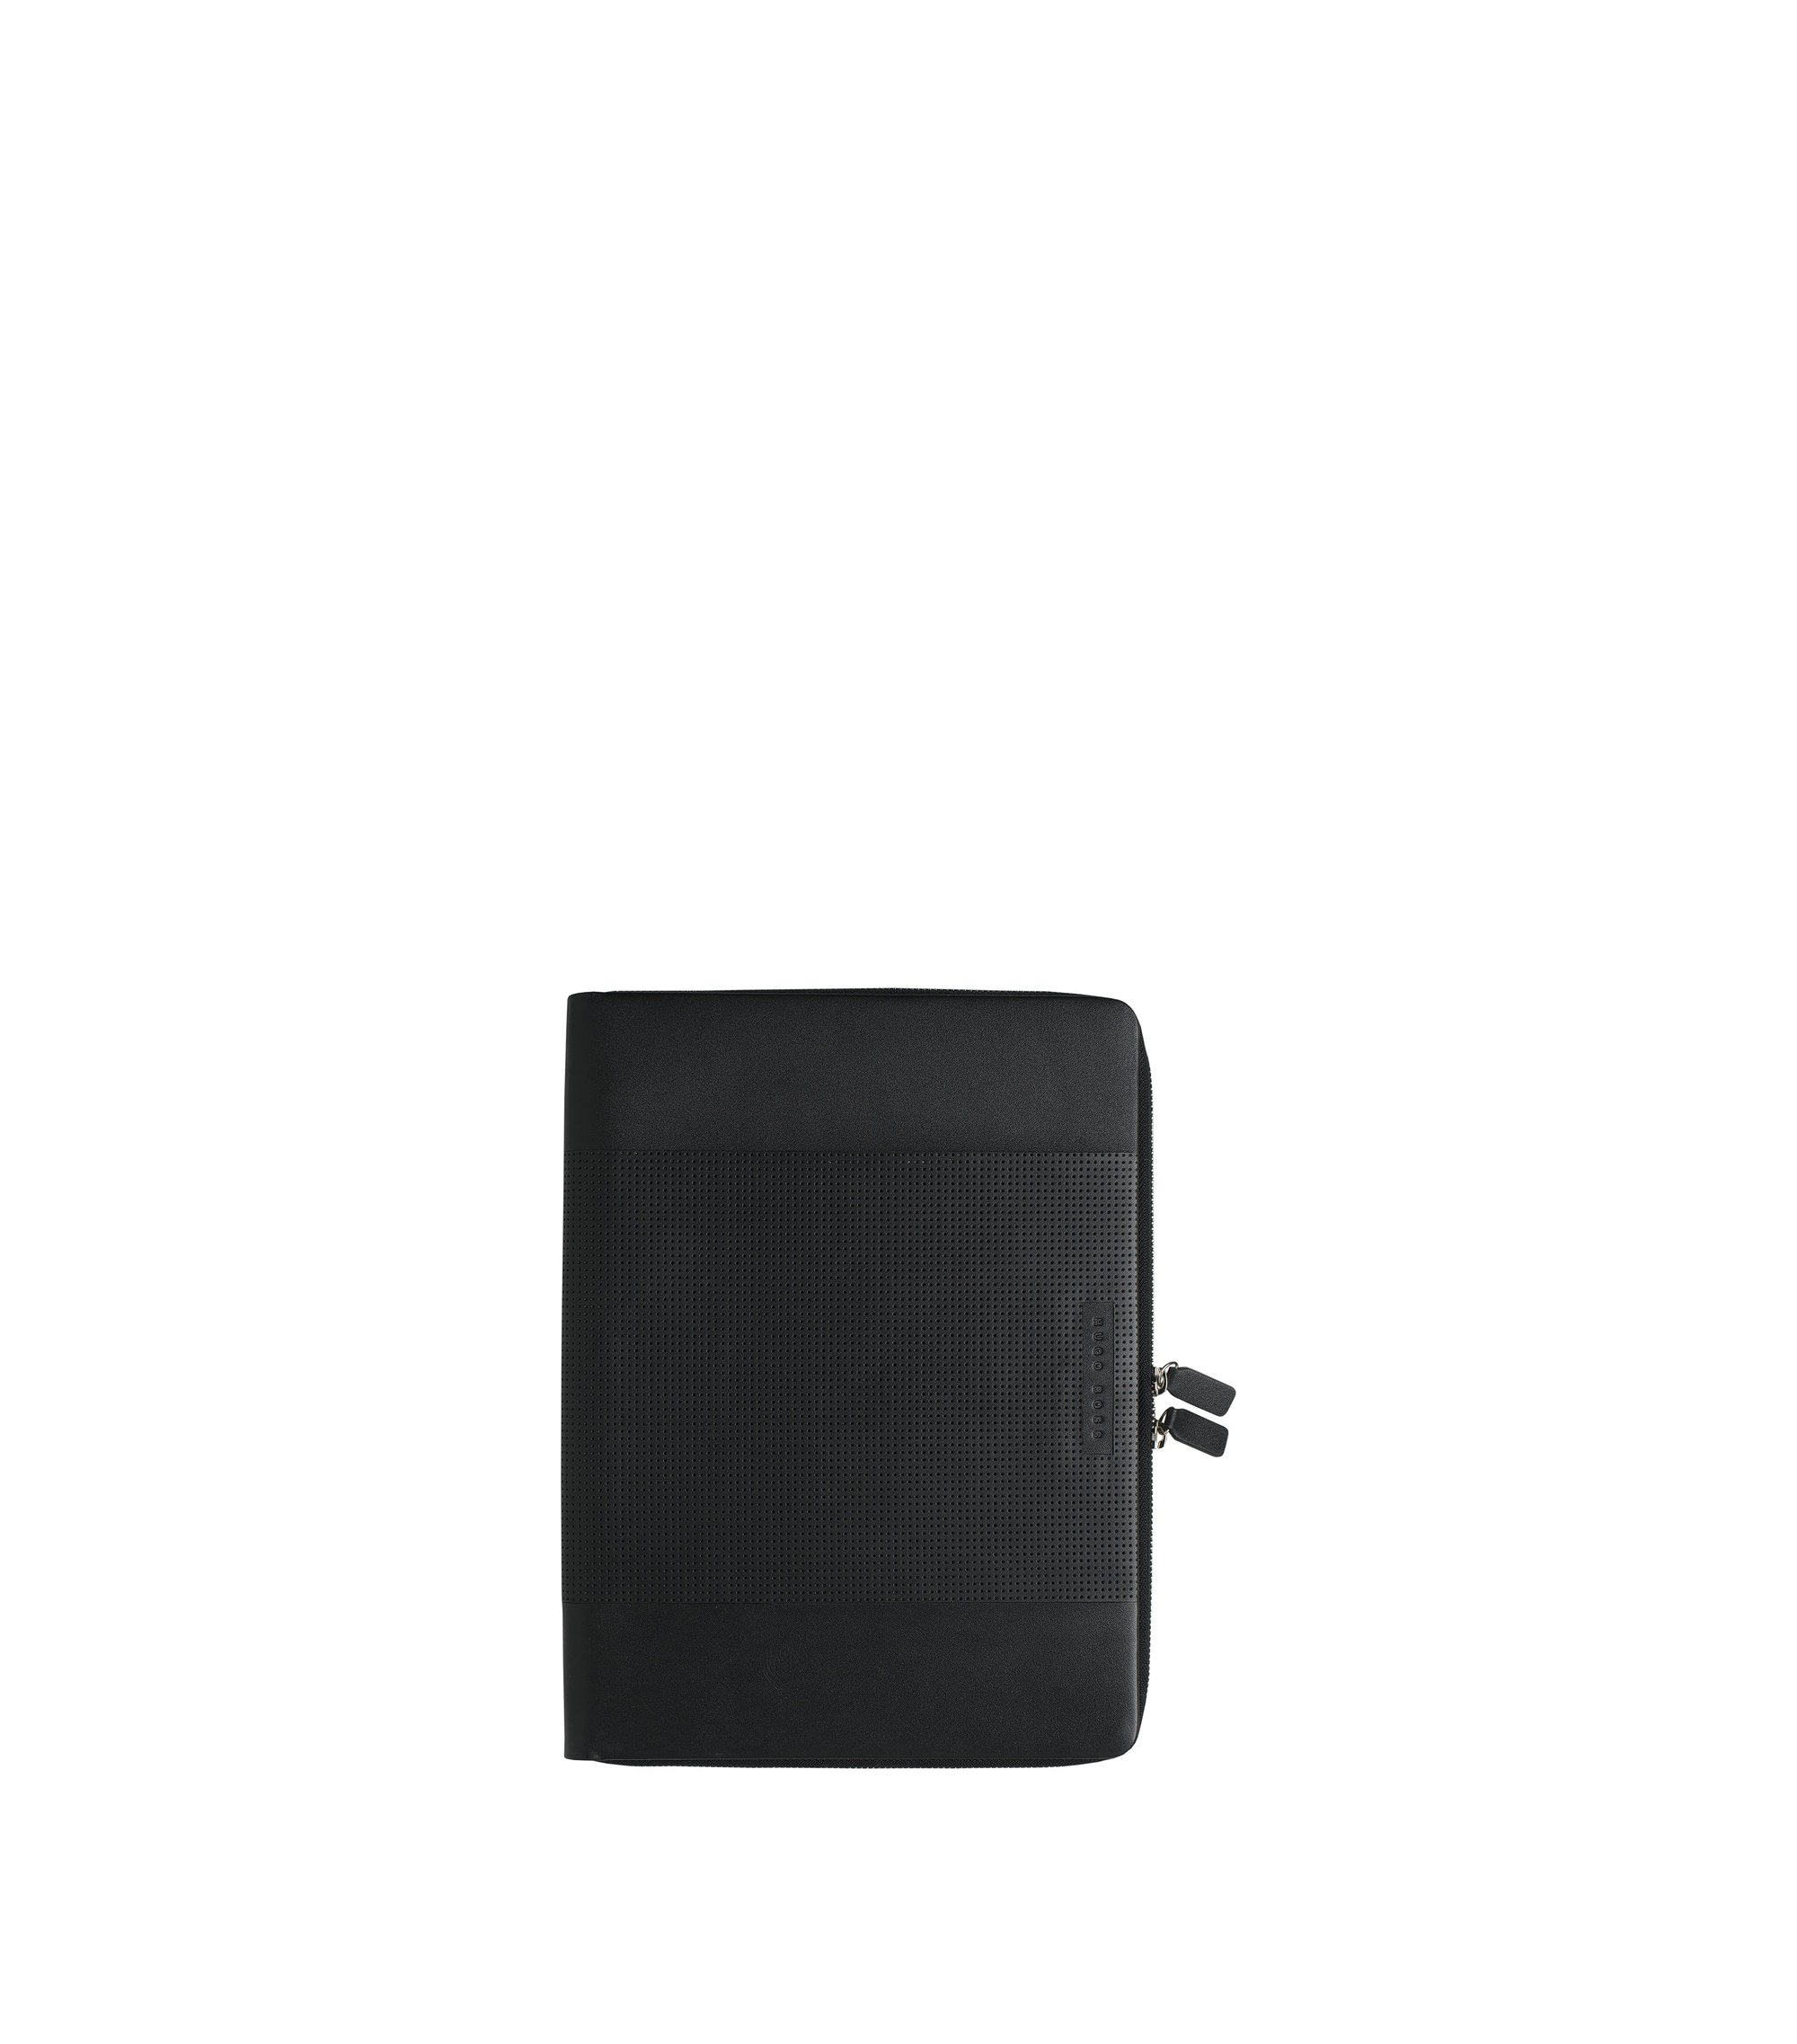 Cartella A4 con zip in pelle lavorata nera, Nero